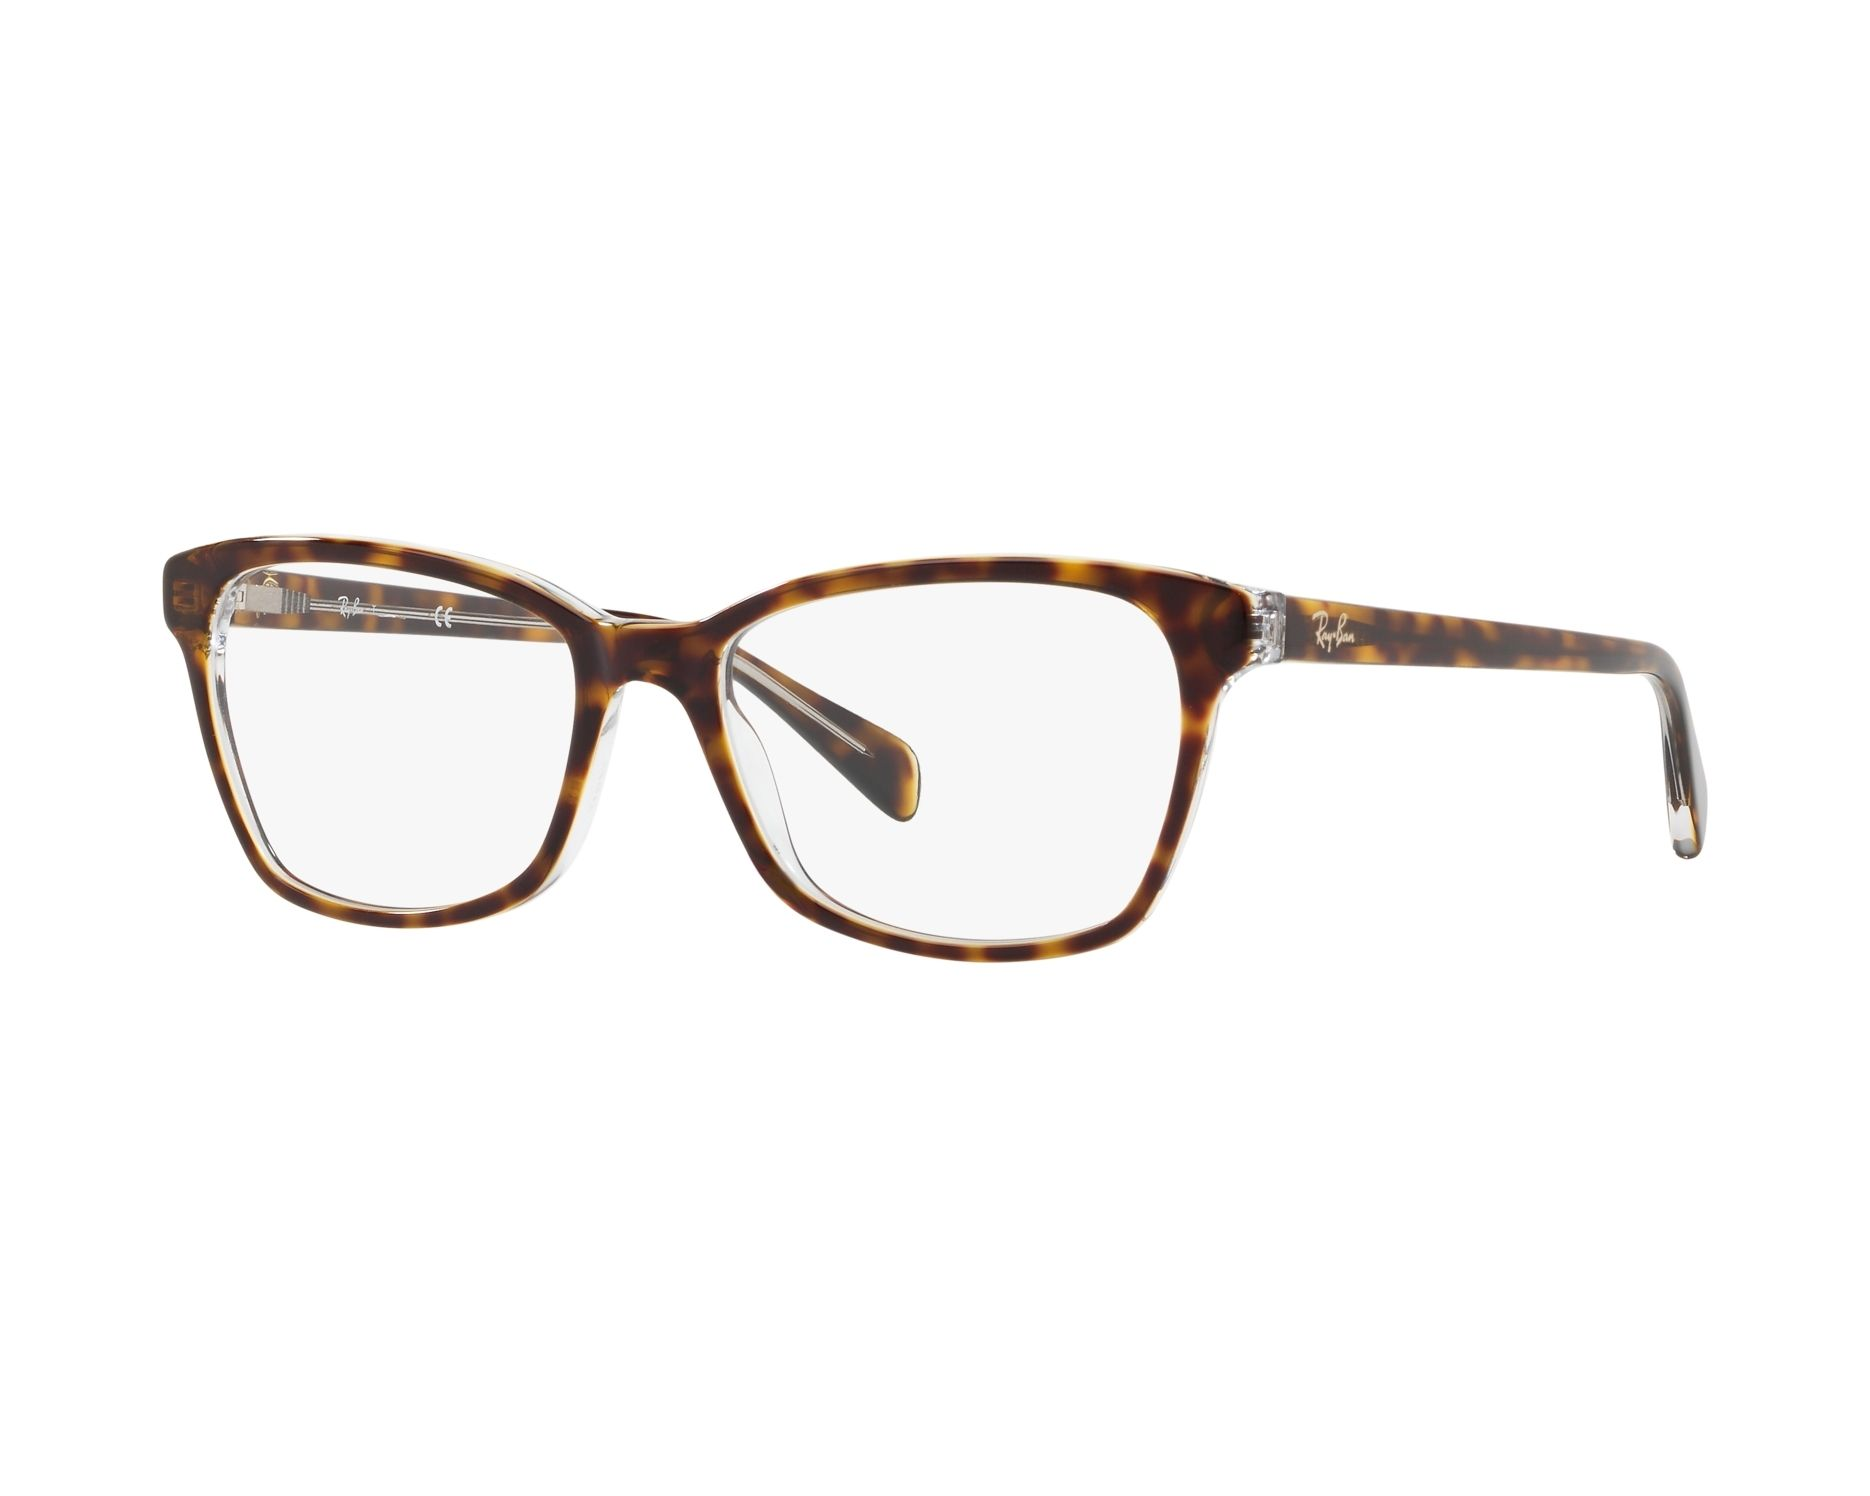 eb4dbc8535e eyeglasses Ray-Ban RX-5362 5082 52-17 Havana Crystal